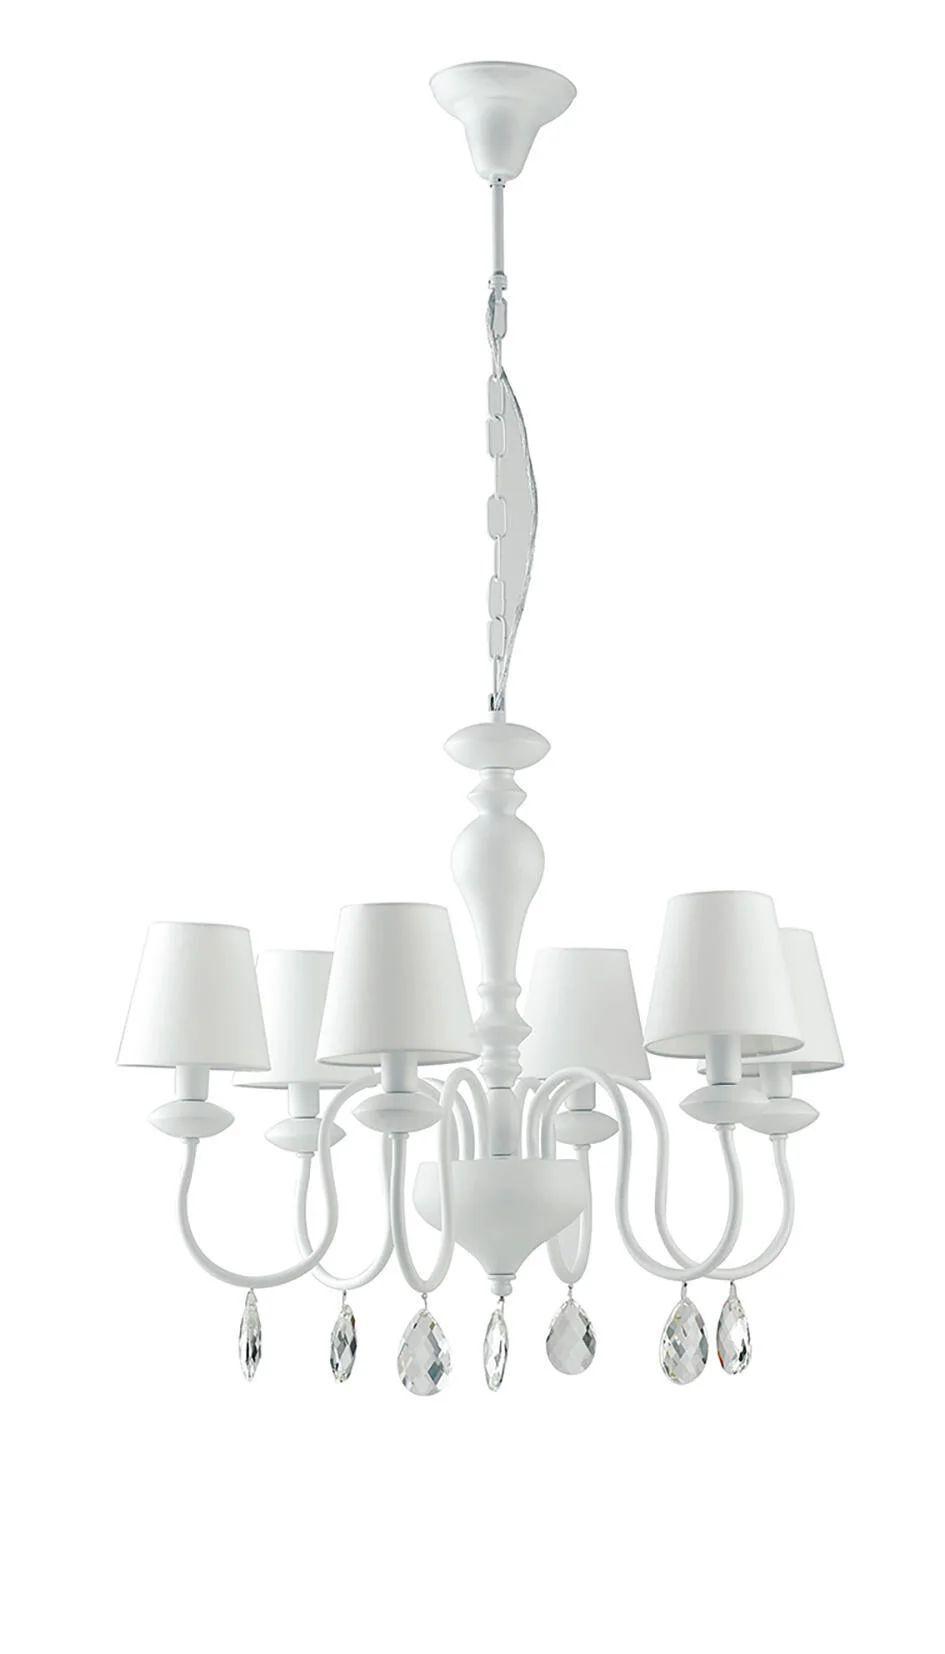 Una vasta selezione di prodotti ai migliori prezzi. Lampadario Neoclassico Arthur Bianco In Metallo 6 Luci Luce Ambiente Design Leroy Merlin